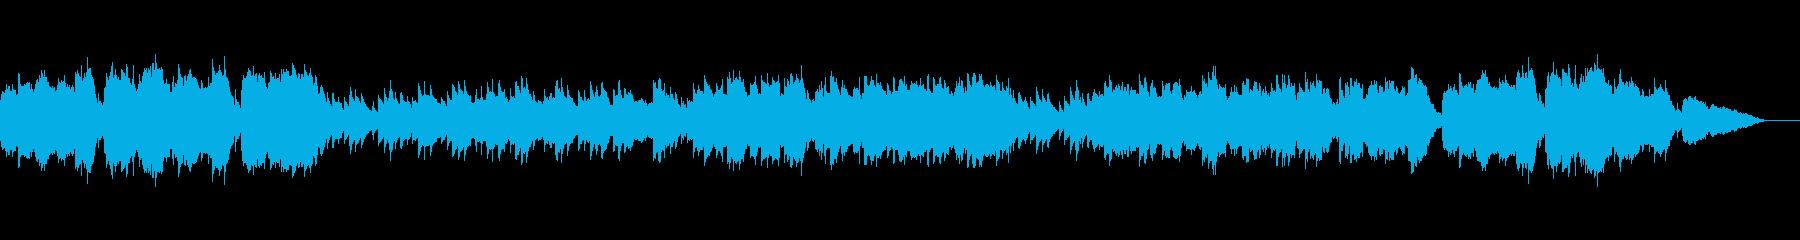 RPG:汎用ほのぼのまったりBGM1の再生済みの波形